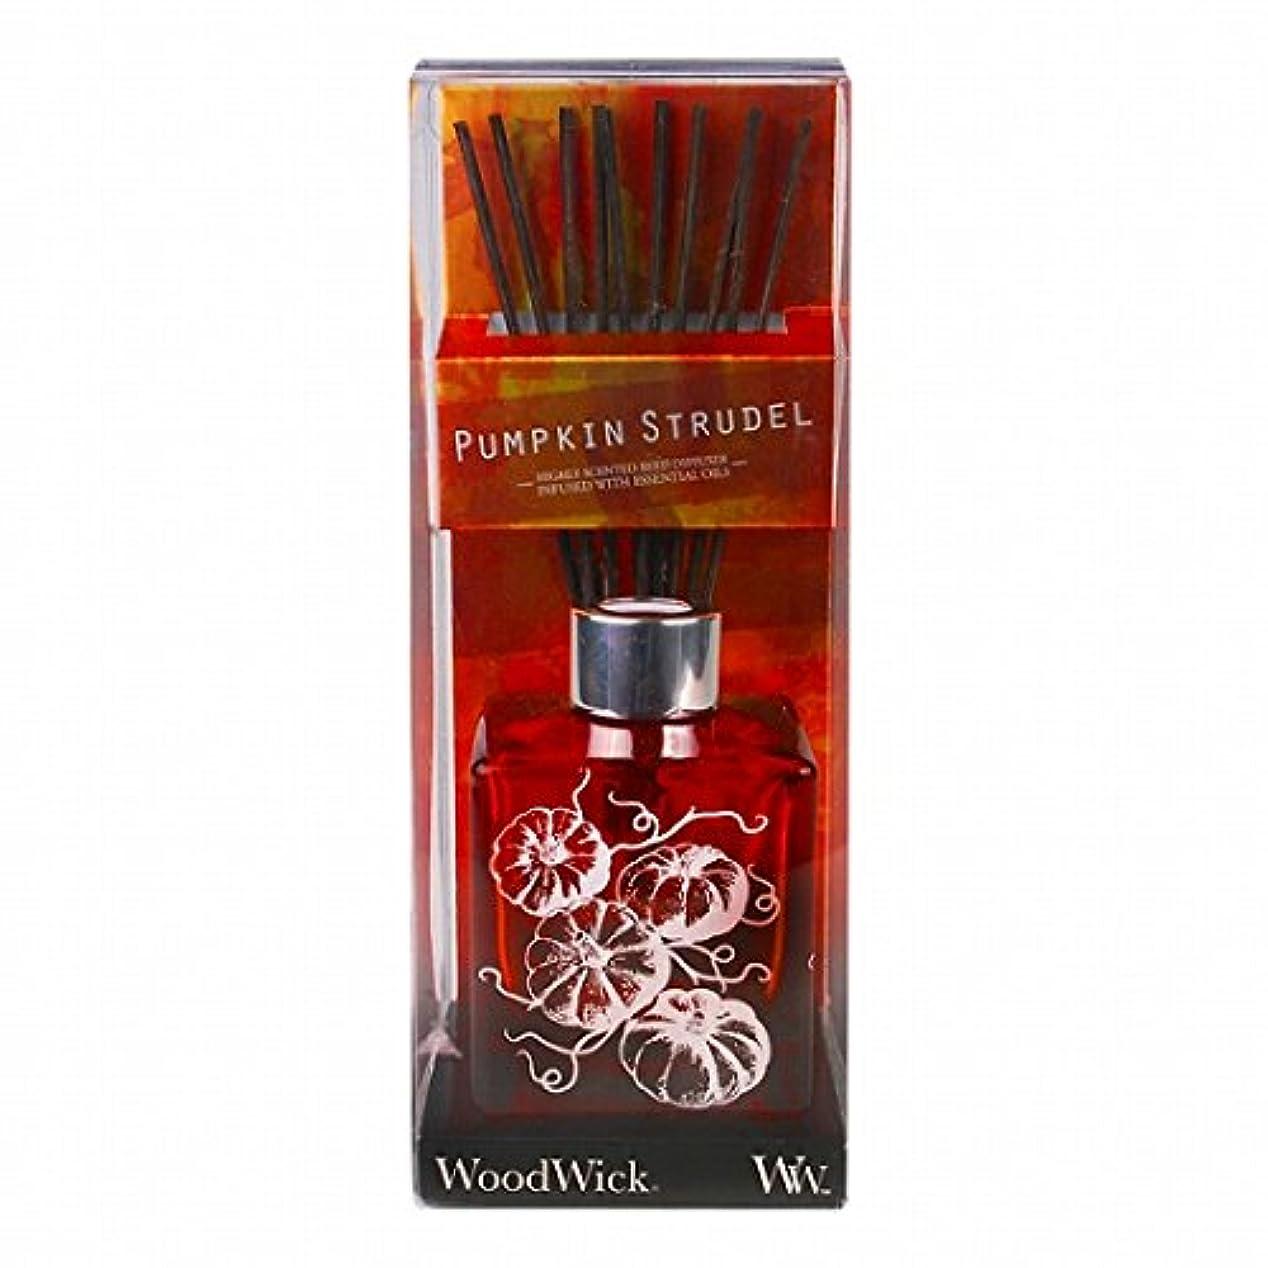 十分ではない定期的にエキサイティングウッドウィック(WoodWick) Wood Wickダンシンググラスリードディフューザー 「 シュトルーデル 」